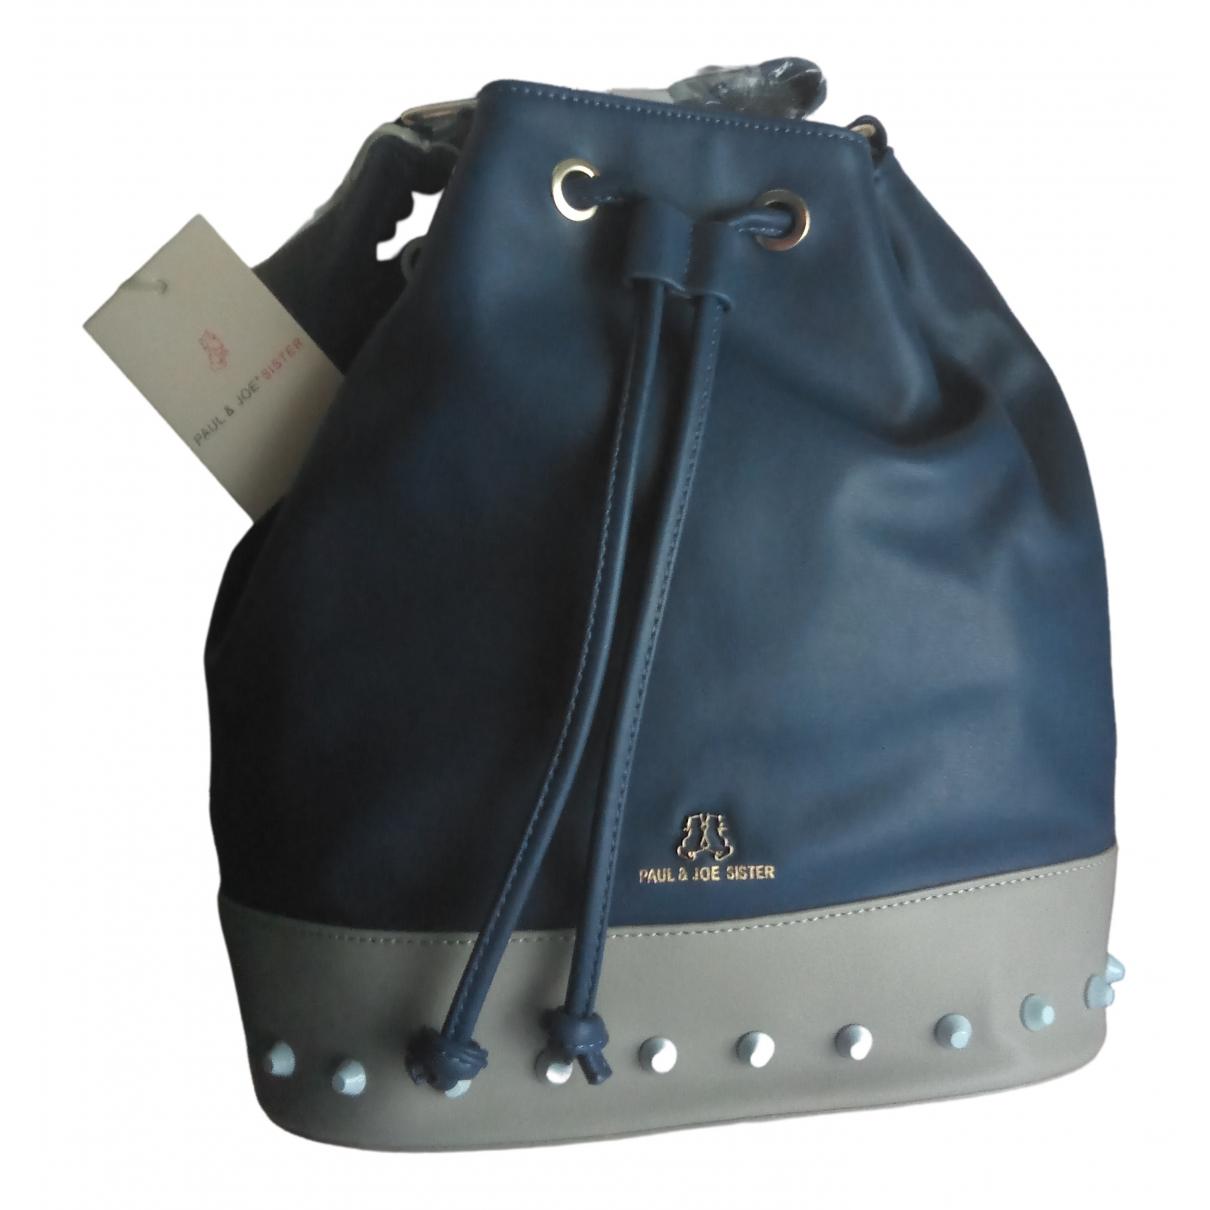 Paul & Joe Sister \N Handtasche in  Blau Synthetik